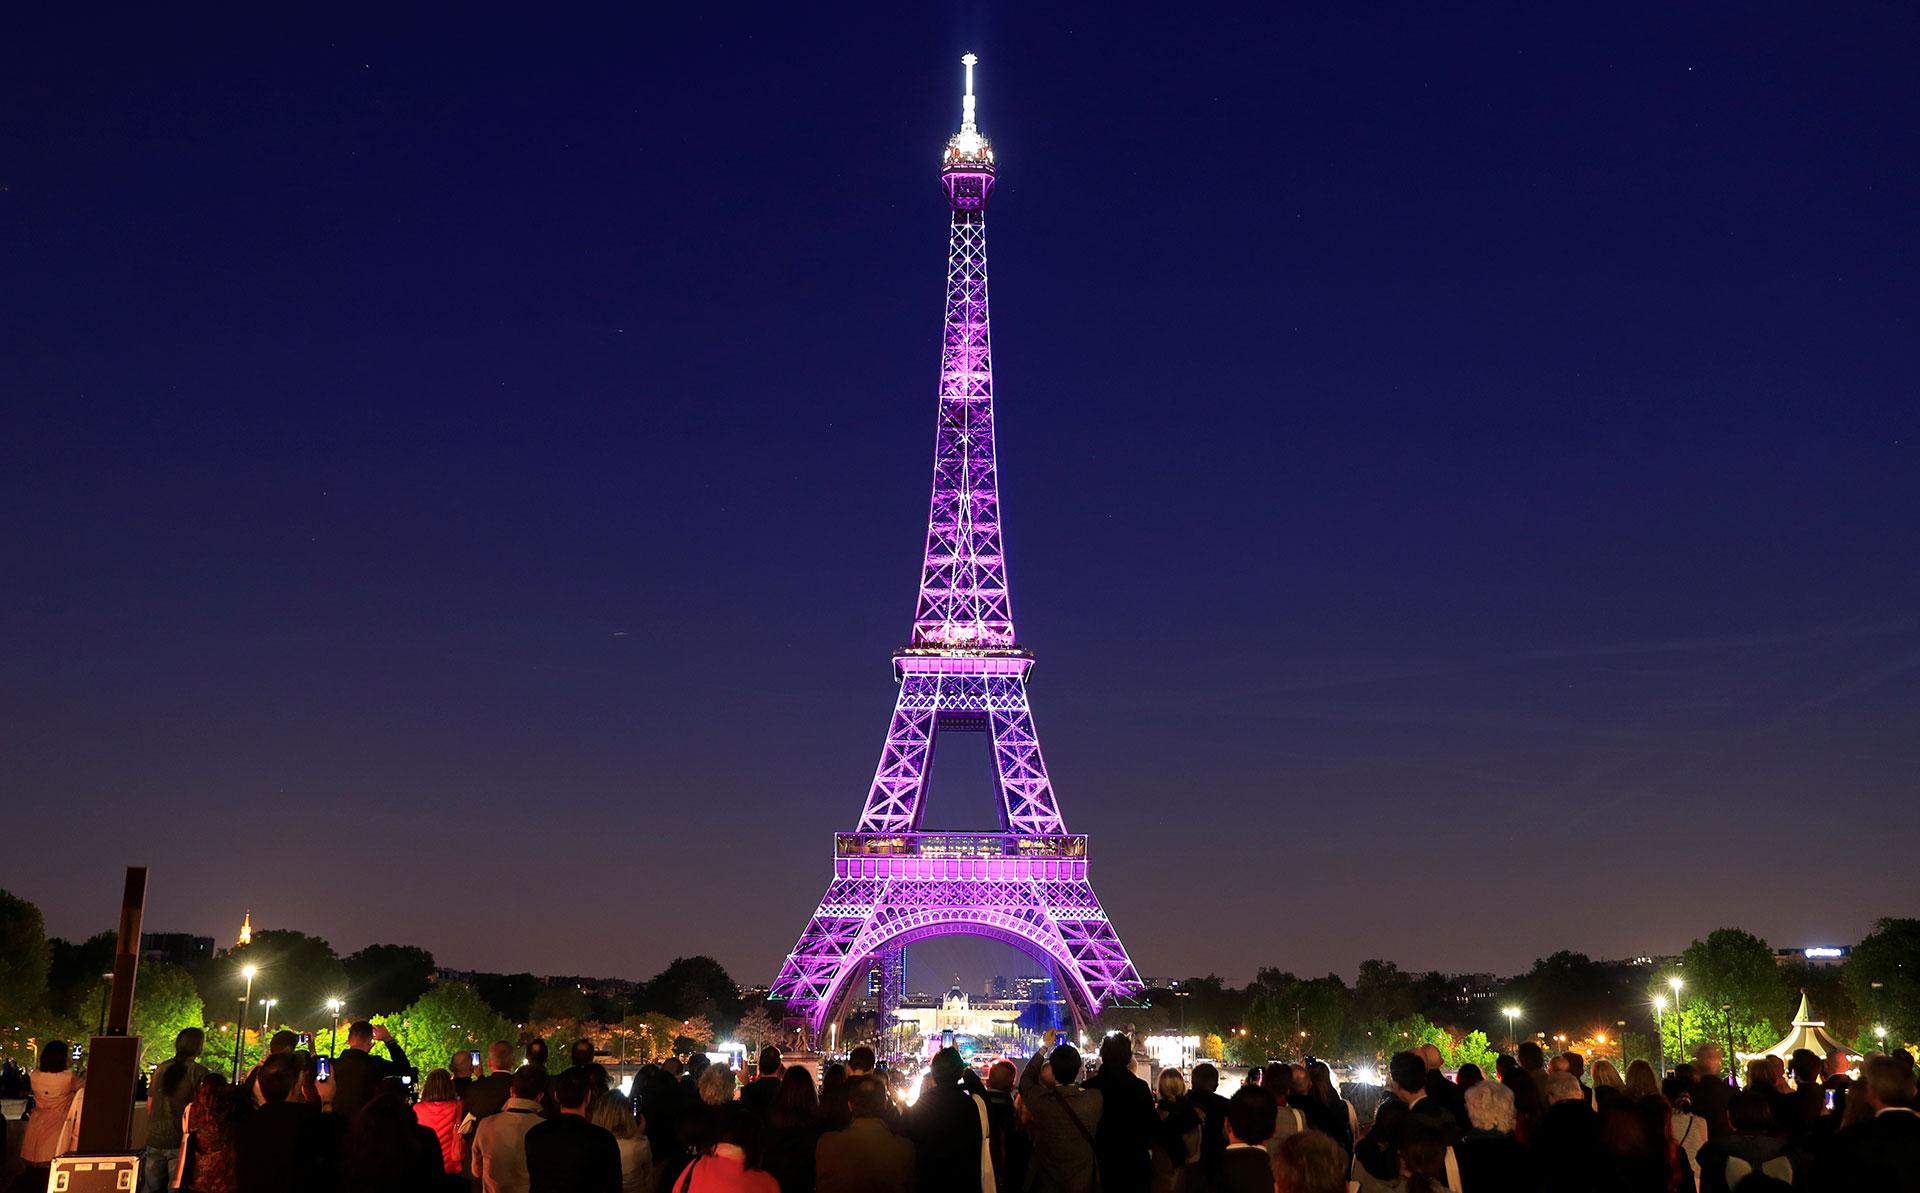 El recuerdo del trágico incendio en Notre Dame pesó mucho en la memoria de la gente durante el 130º aniversario de la Torre Eiffel.